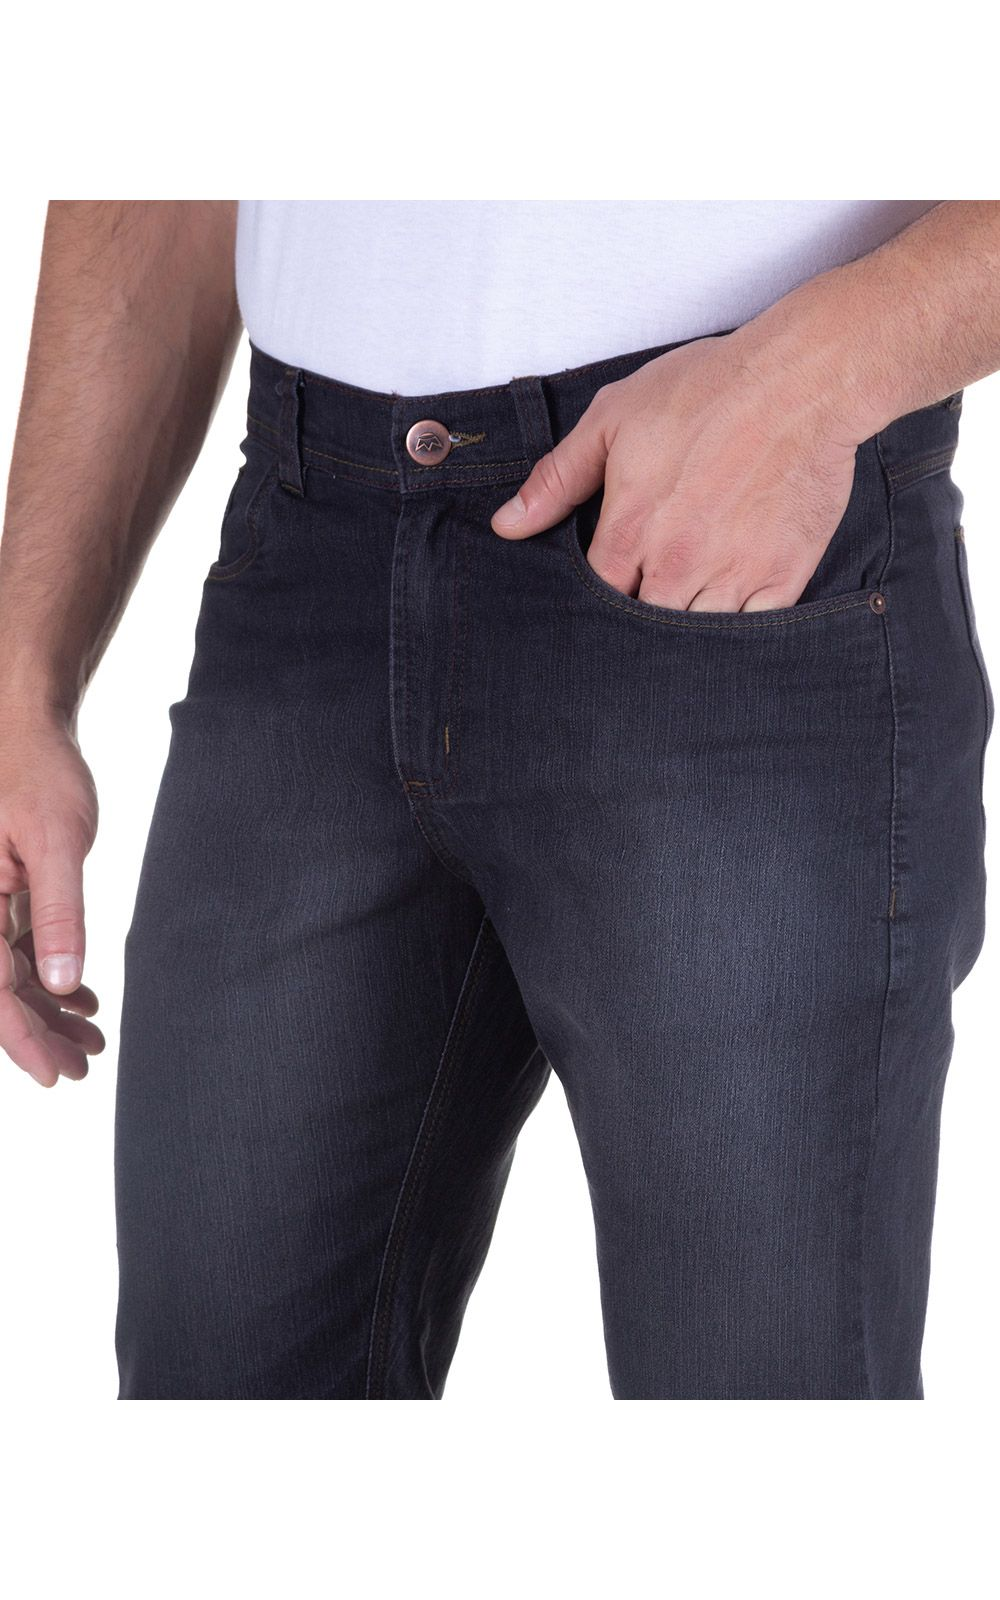 Foto 3 - Calça Jeans Masculina Preta Lisa